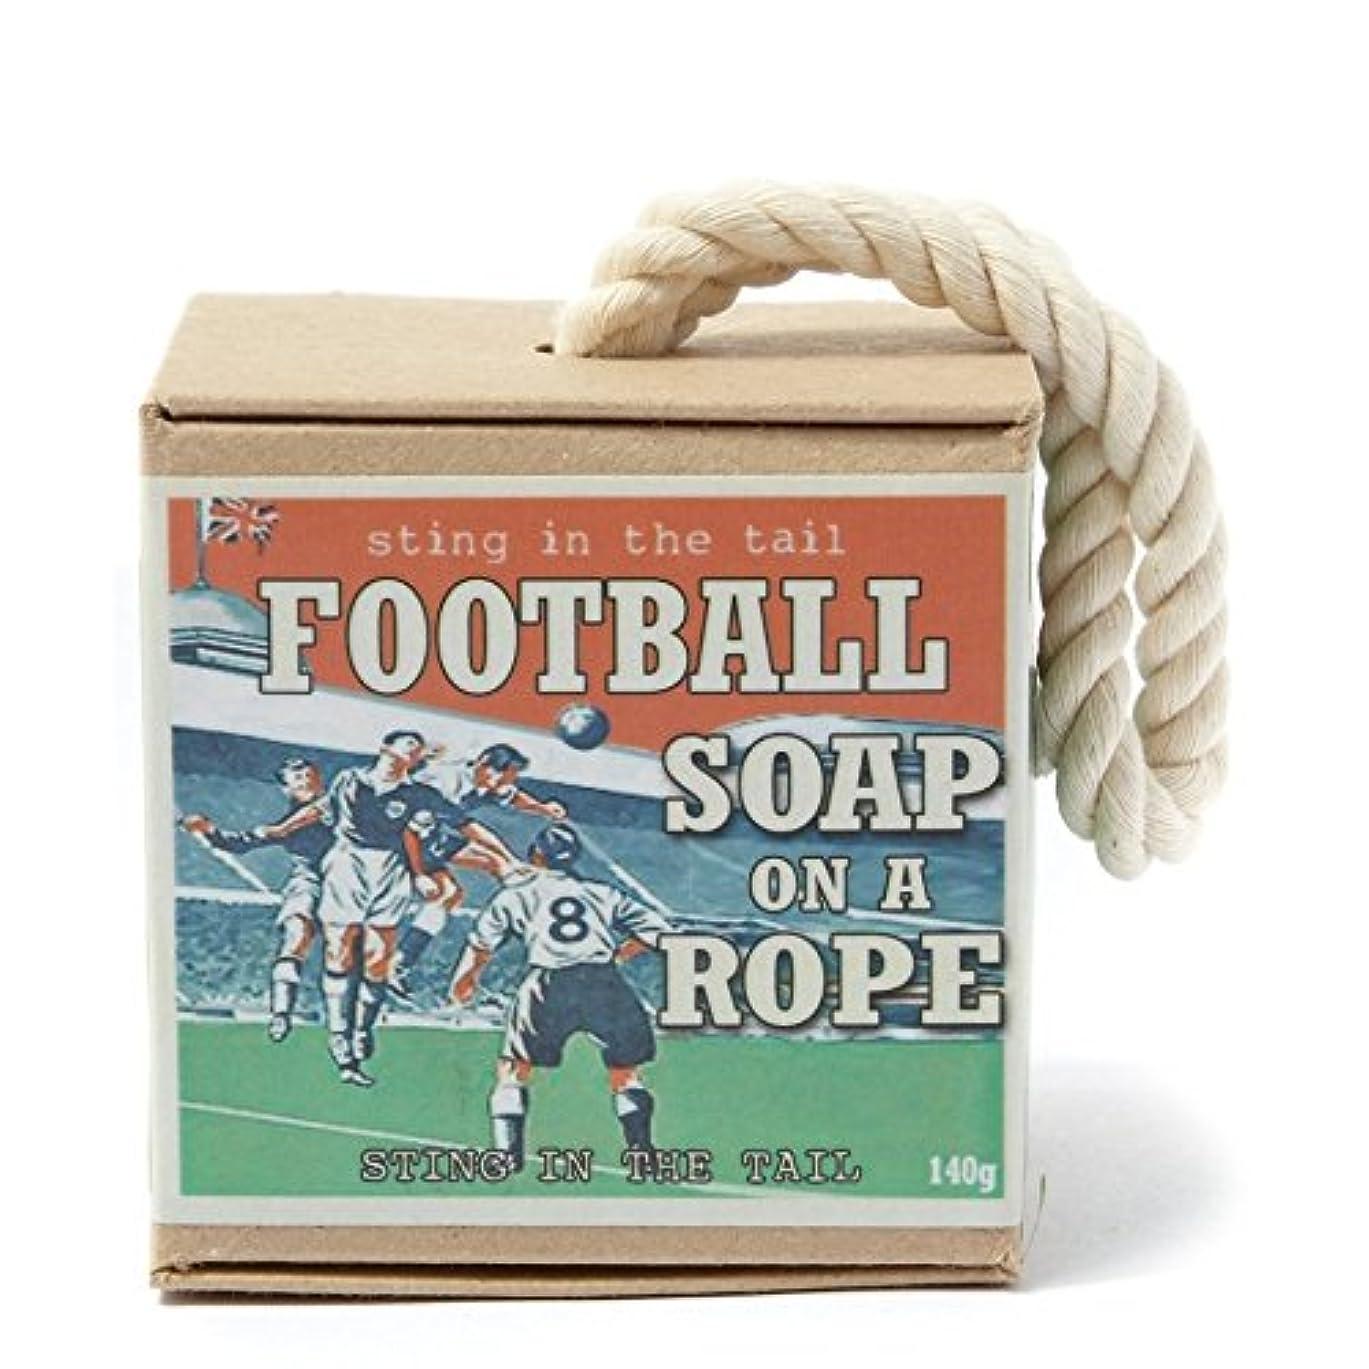 予防接種上下するマーケティングSting In The Tail Football on a Rope Soap (Pack of 6) - ロープ石鹸のテールサッカーで刺します x6 [並行輸入品]